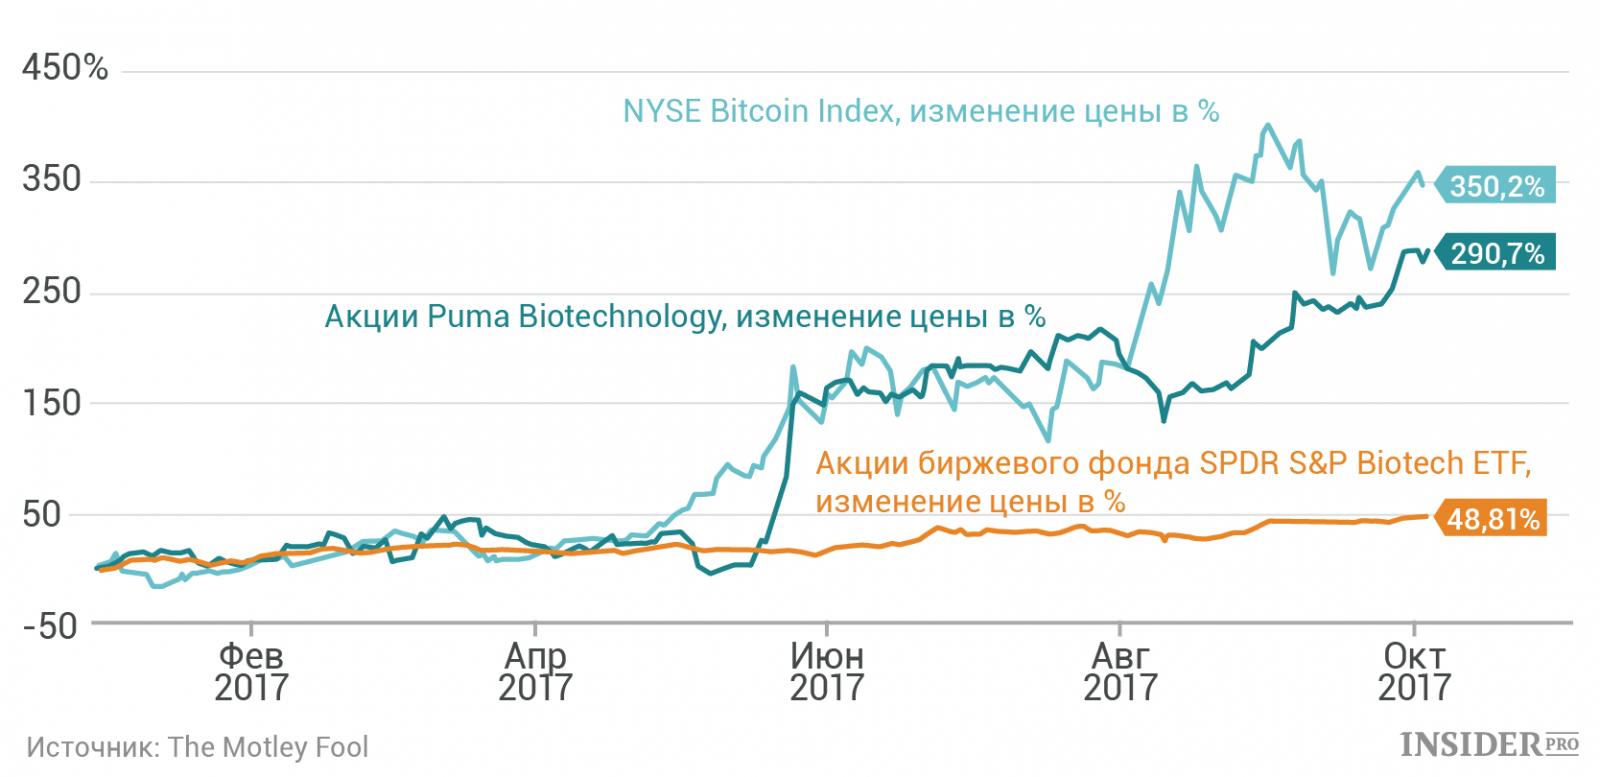 Акции биотехнологии доверительные счета форекс